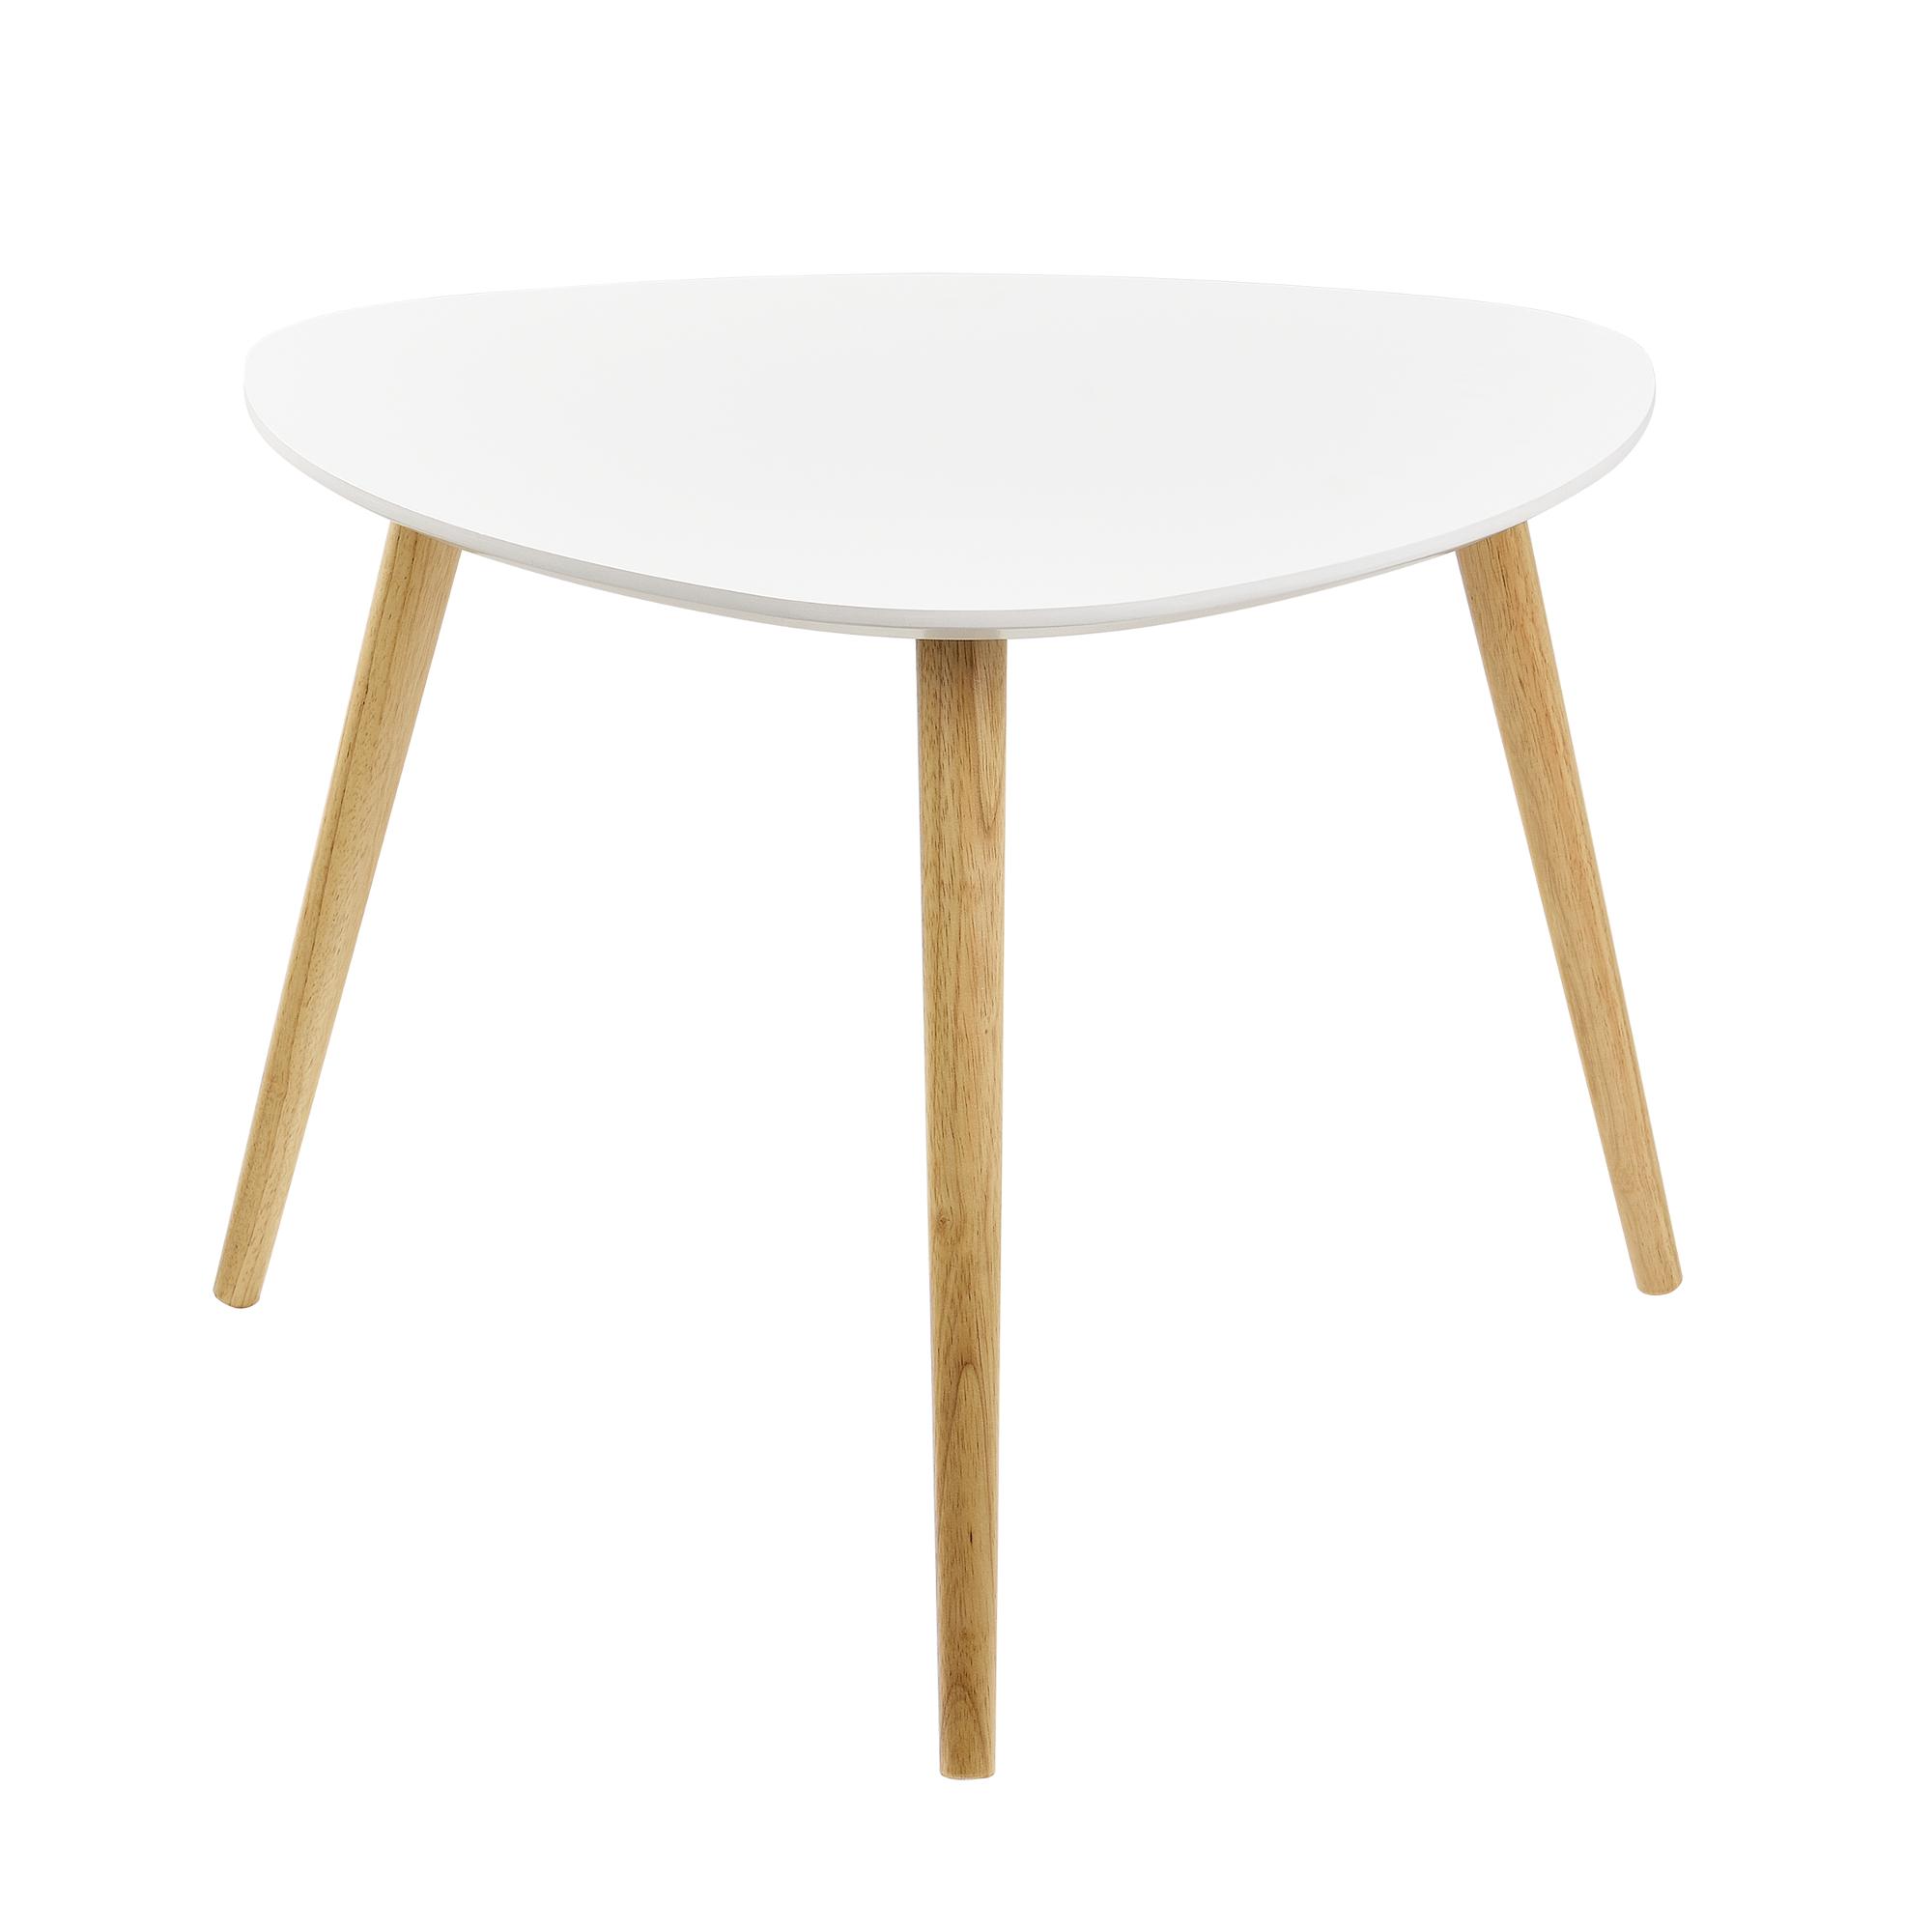 couchtisch 2er set beistelltisch beistell tisch wohnzimmer wei ebay. Black Bedroom Furniture Sets. Home Design Ideas